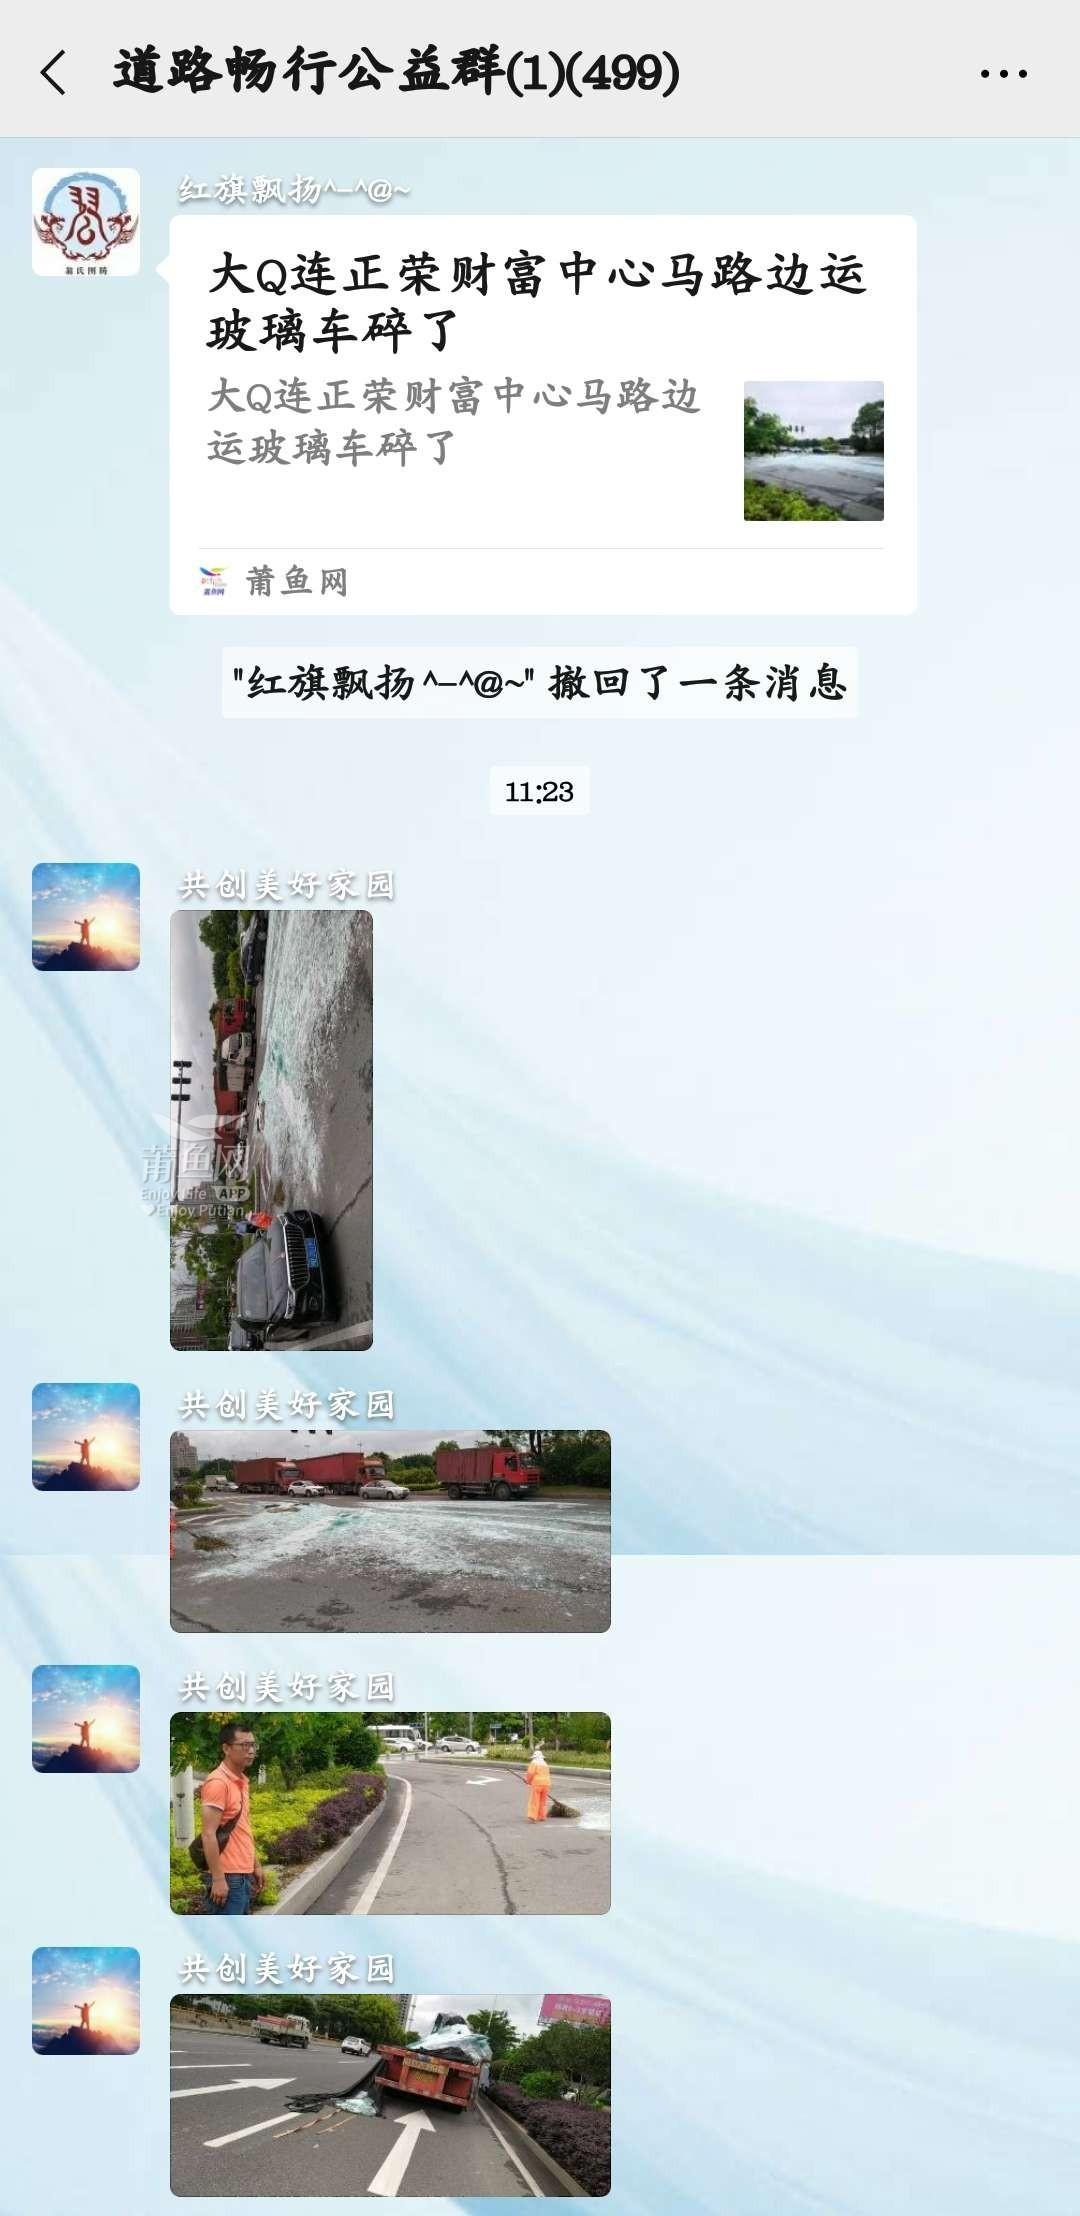 微信图片_20200523114626.jpg